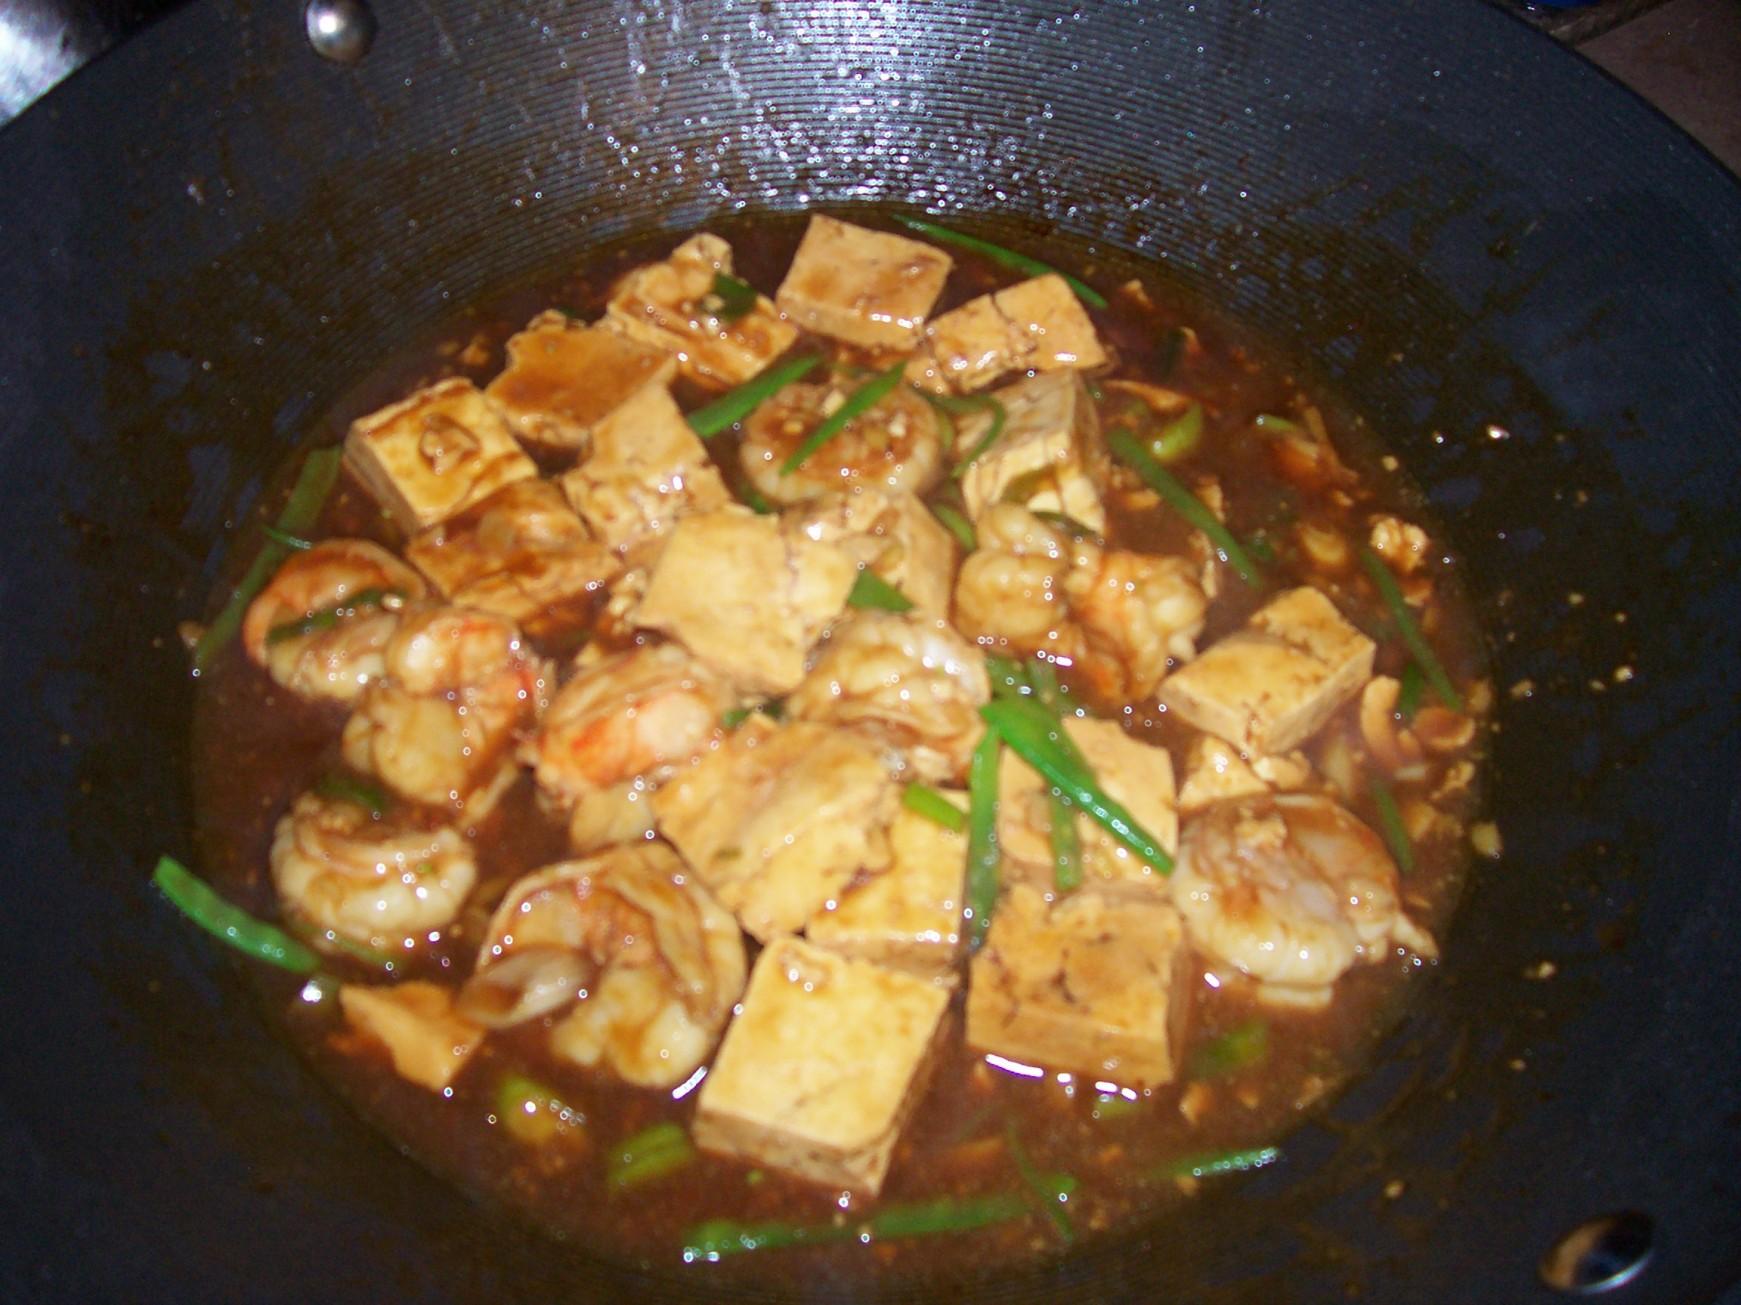 shrimp and tofu stirfry